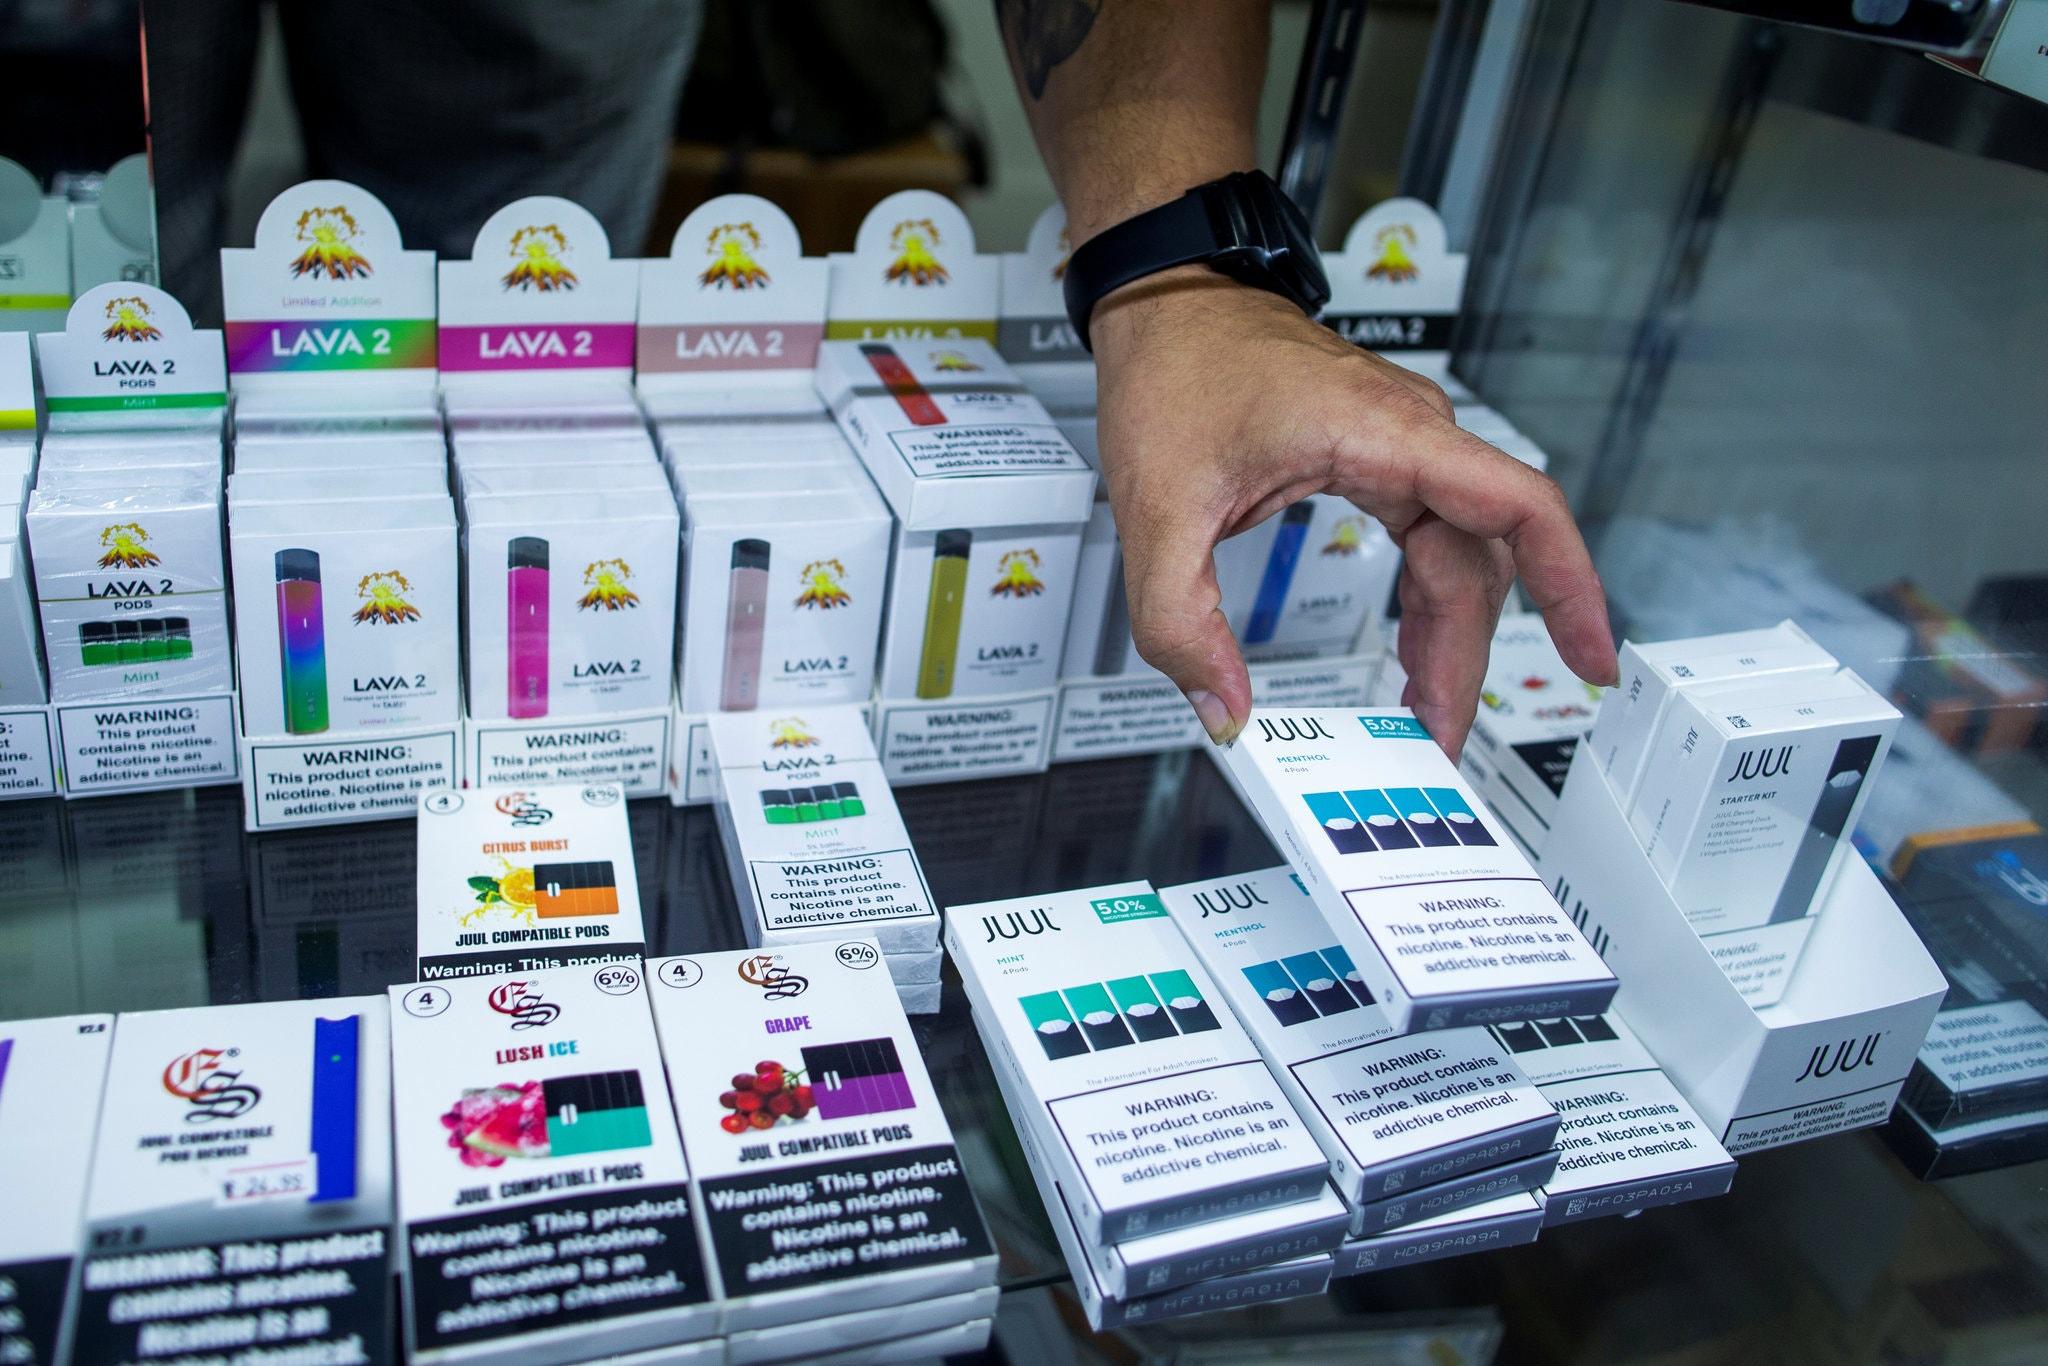 保护青少年健康 食药局禁大部分口味电子烟